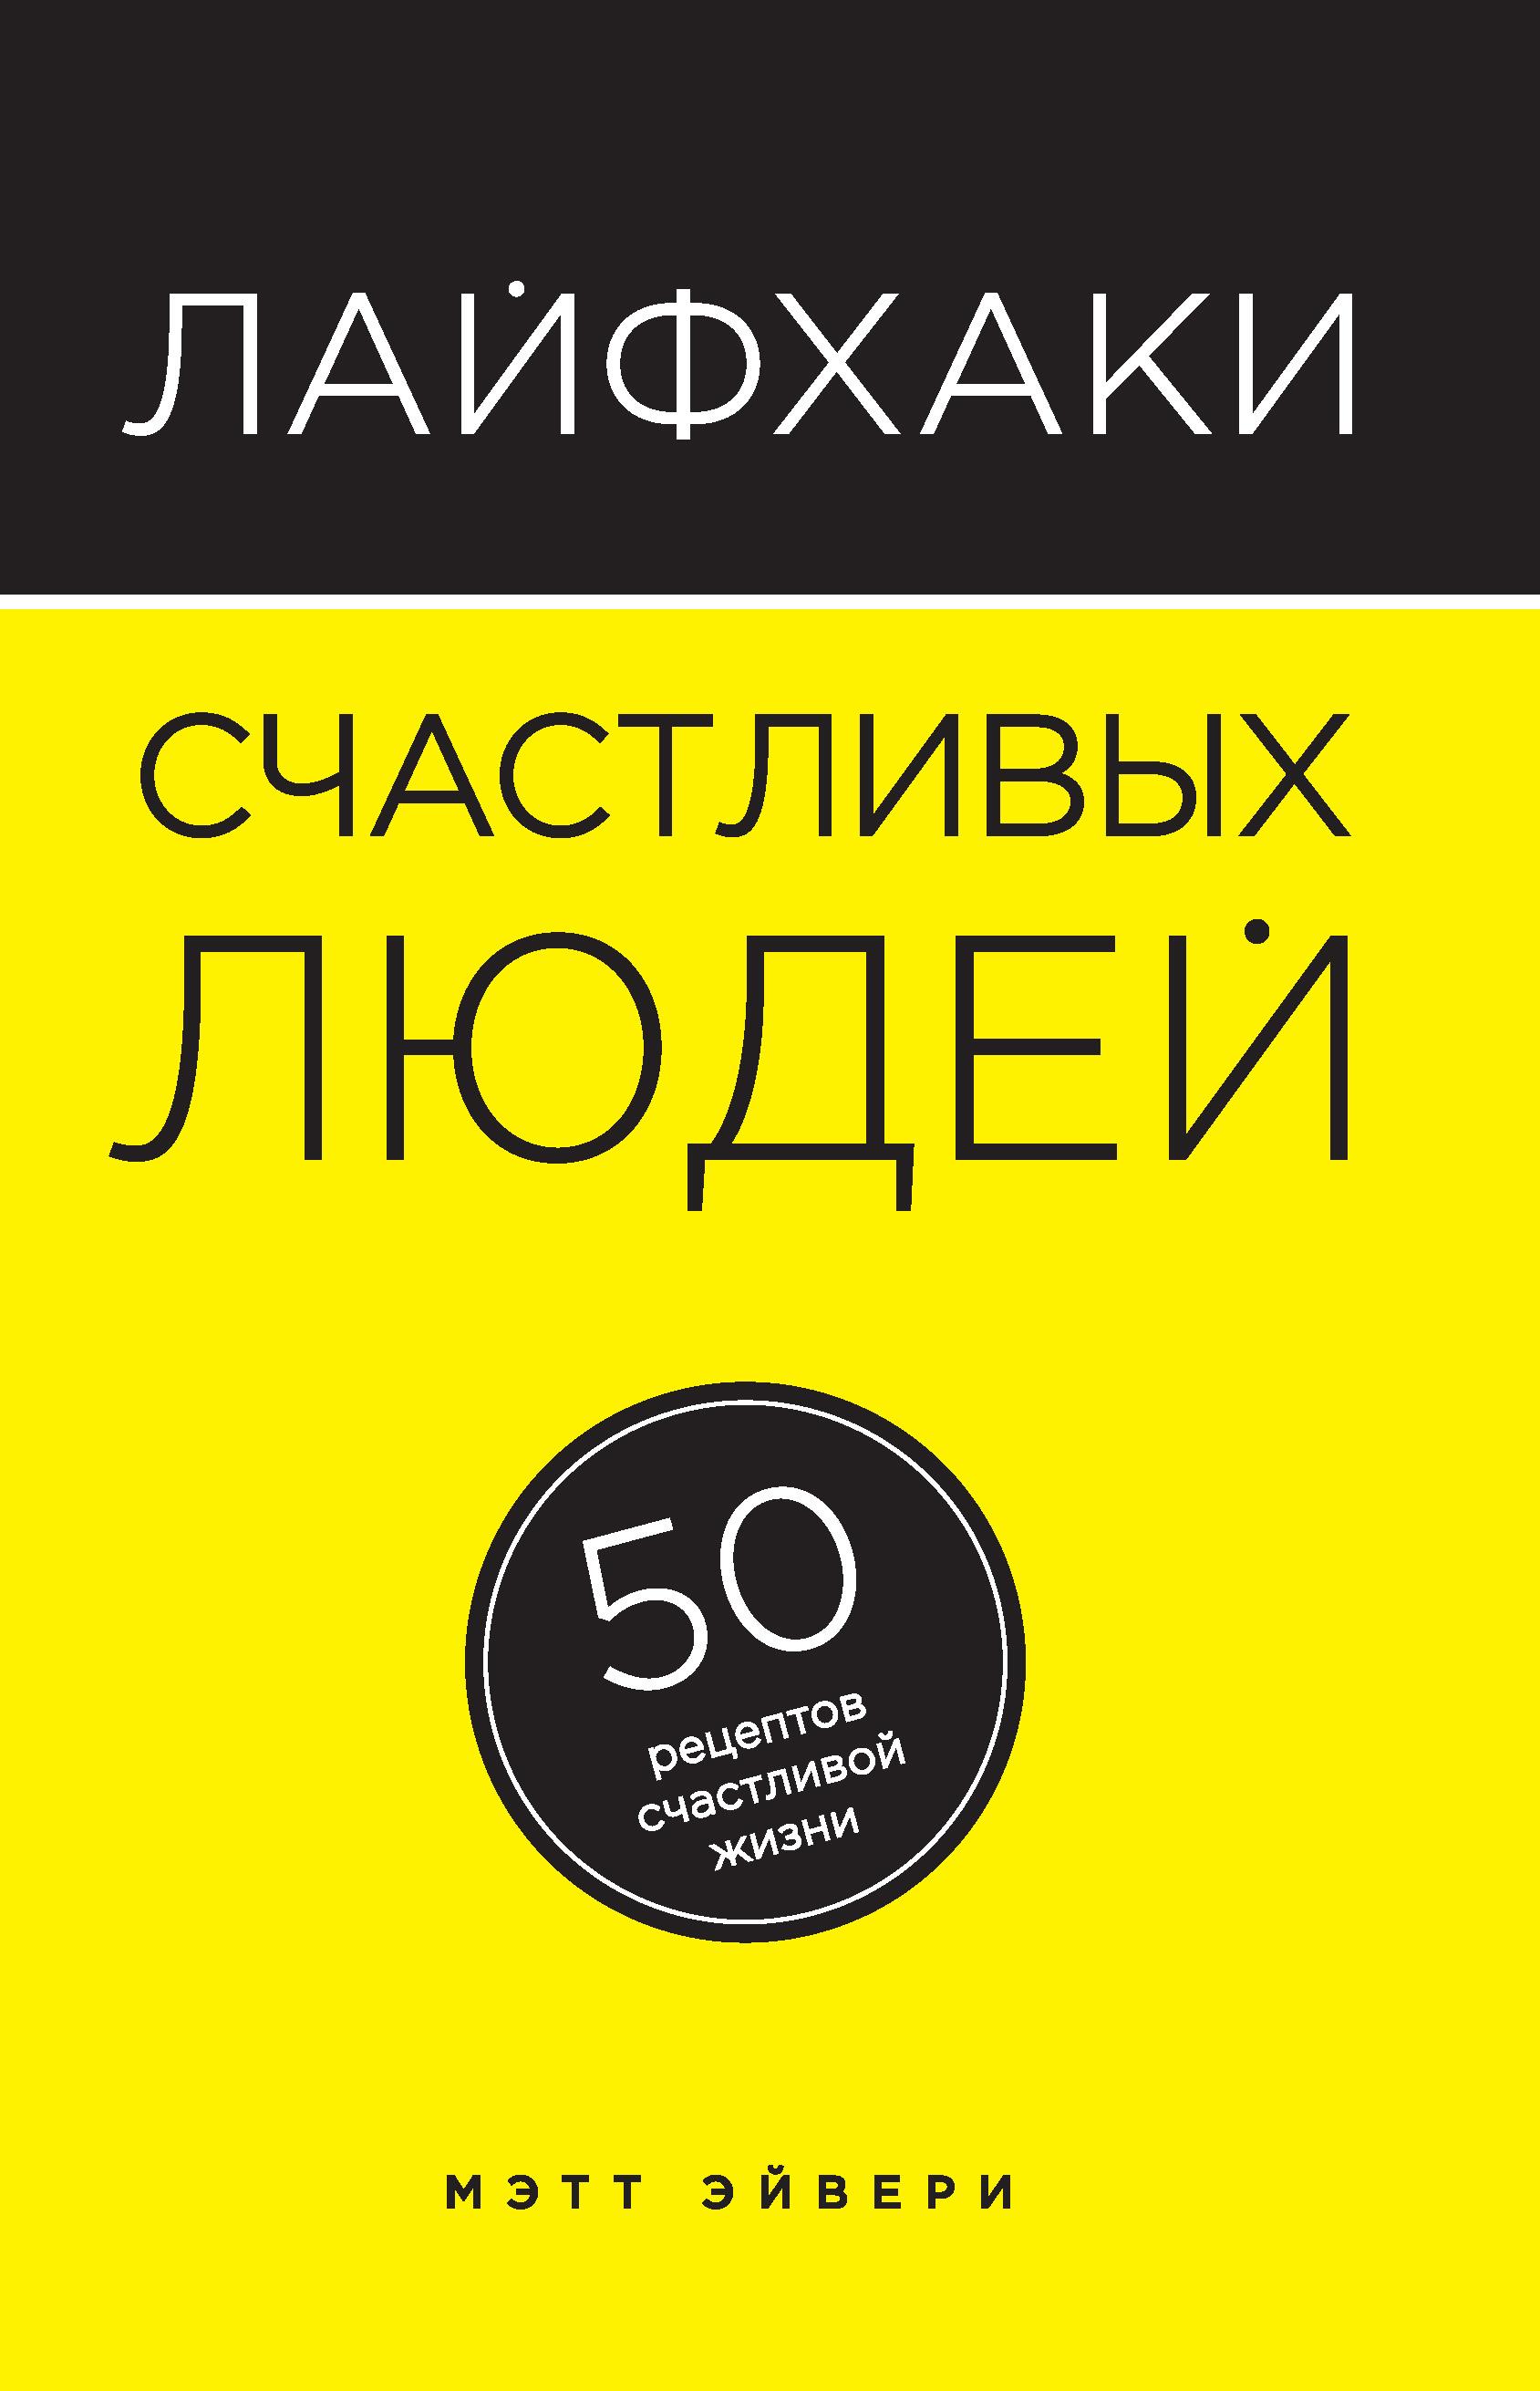 Мэтт Эйвери Лайфхаки счастливых людей. 50 рецептов счастливой жизни цены онлайн